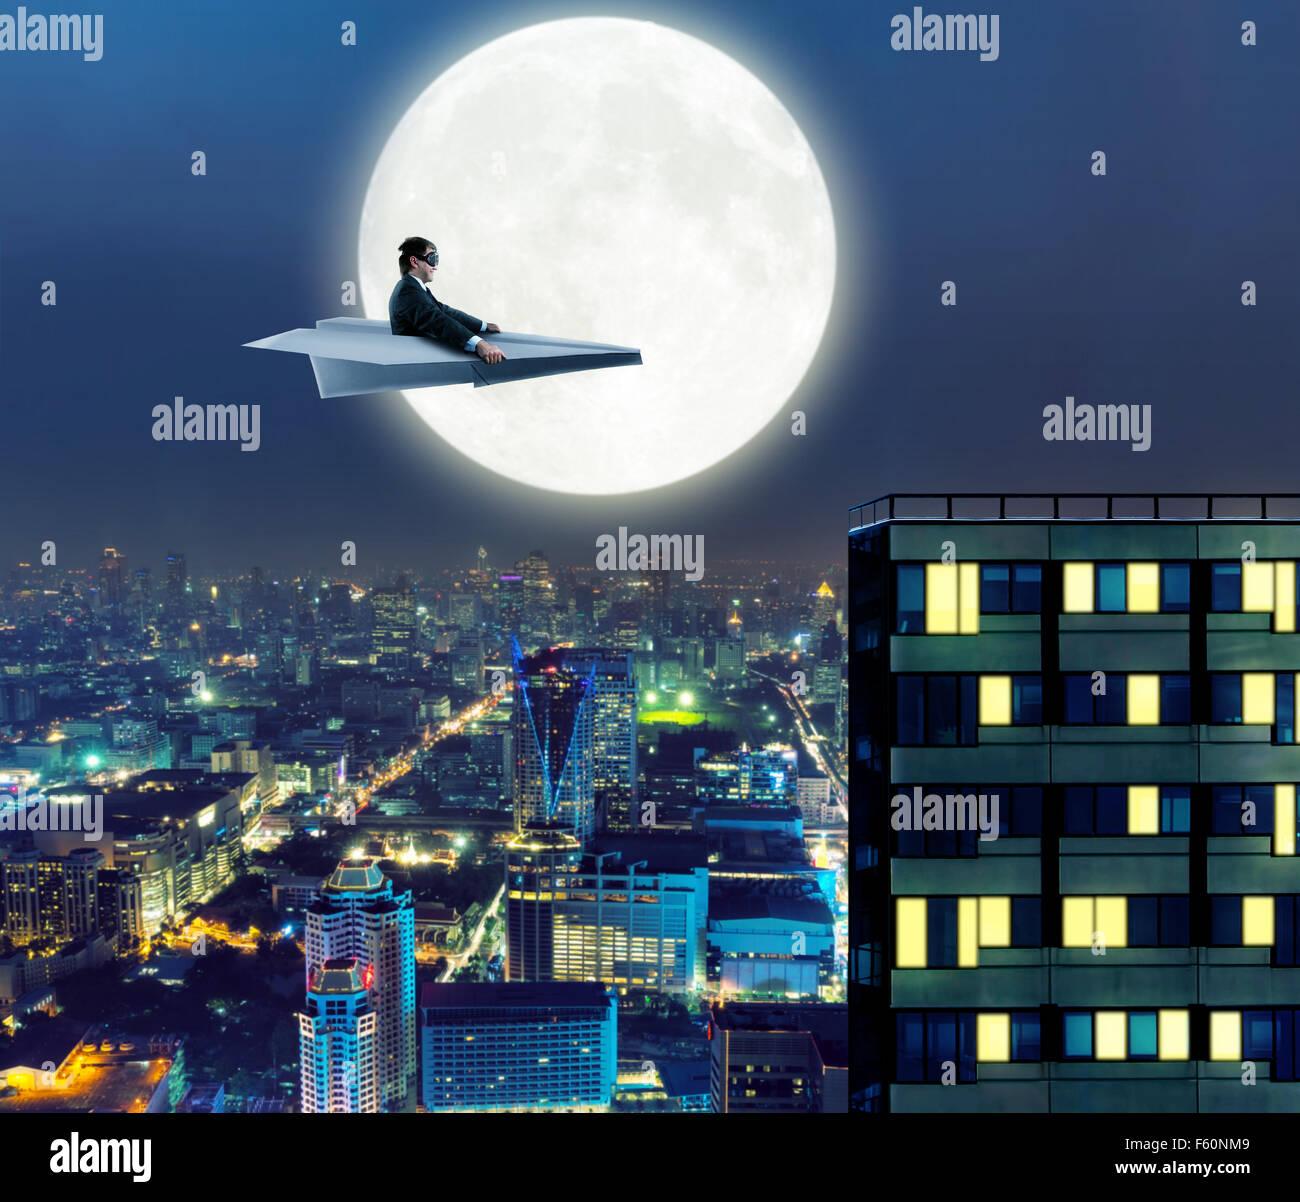 El empresario sobre papel avión está volando por encima de la ciudad en la noche Imagen De Stock